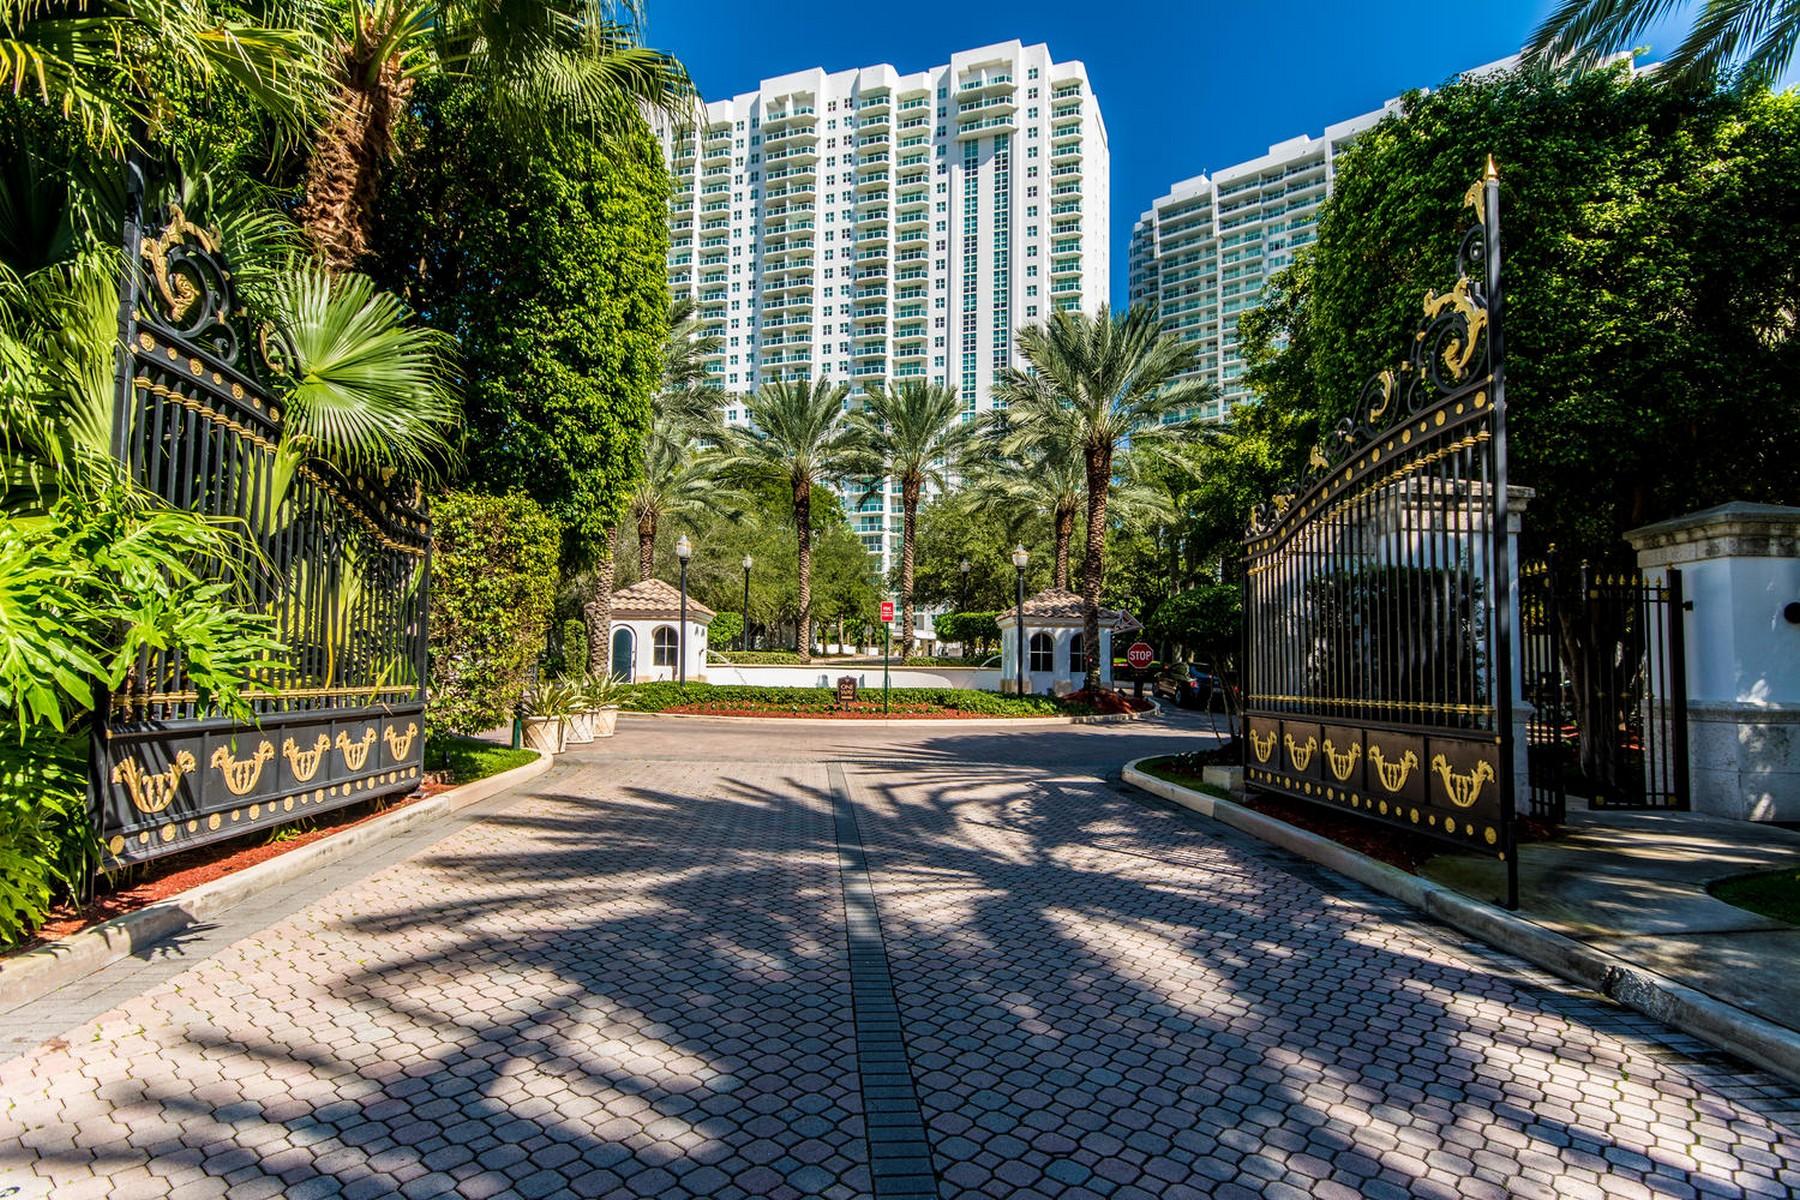 Casa Unifamiliar por un Venta en 3201 NE 183 St 3201 NE 183 St #1803 Aventura, Florida 33160 Estados Unidos